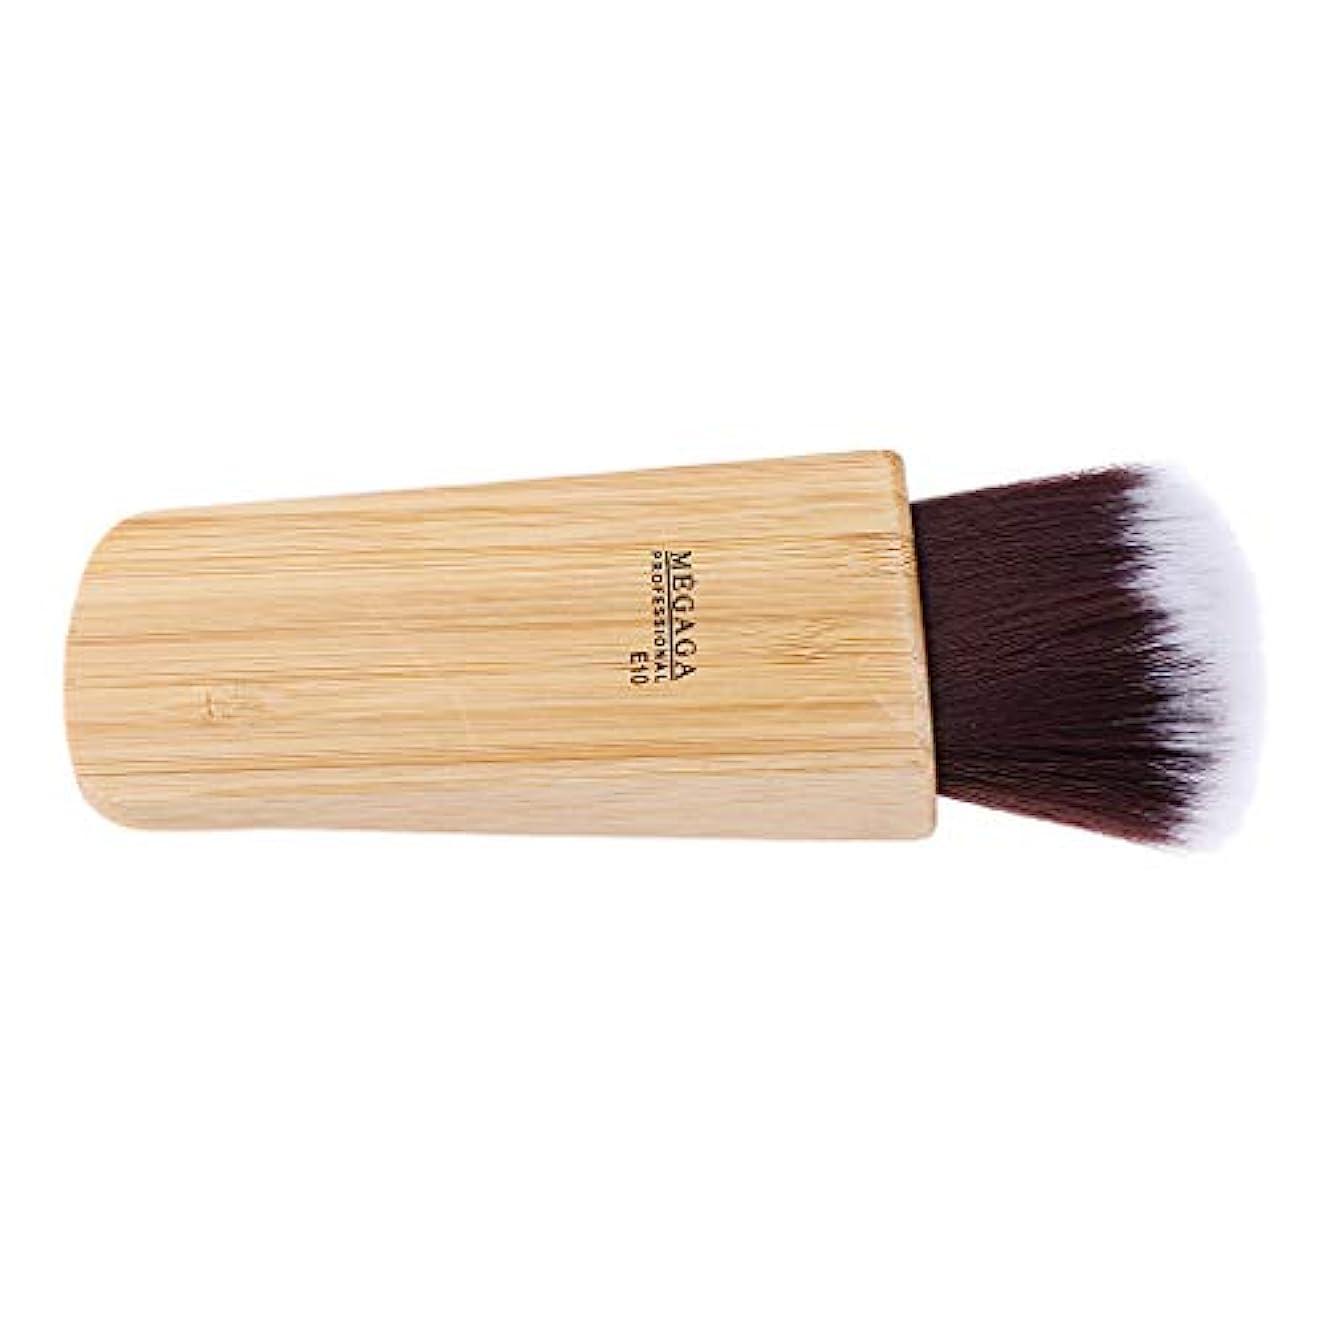 頭痛テクトニックファームF Fityle ネックダスターブラシ ヘアカット ネックブラシ 洗浄 ヘアブラシ 理髪美容ツール